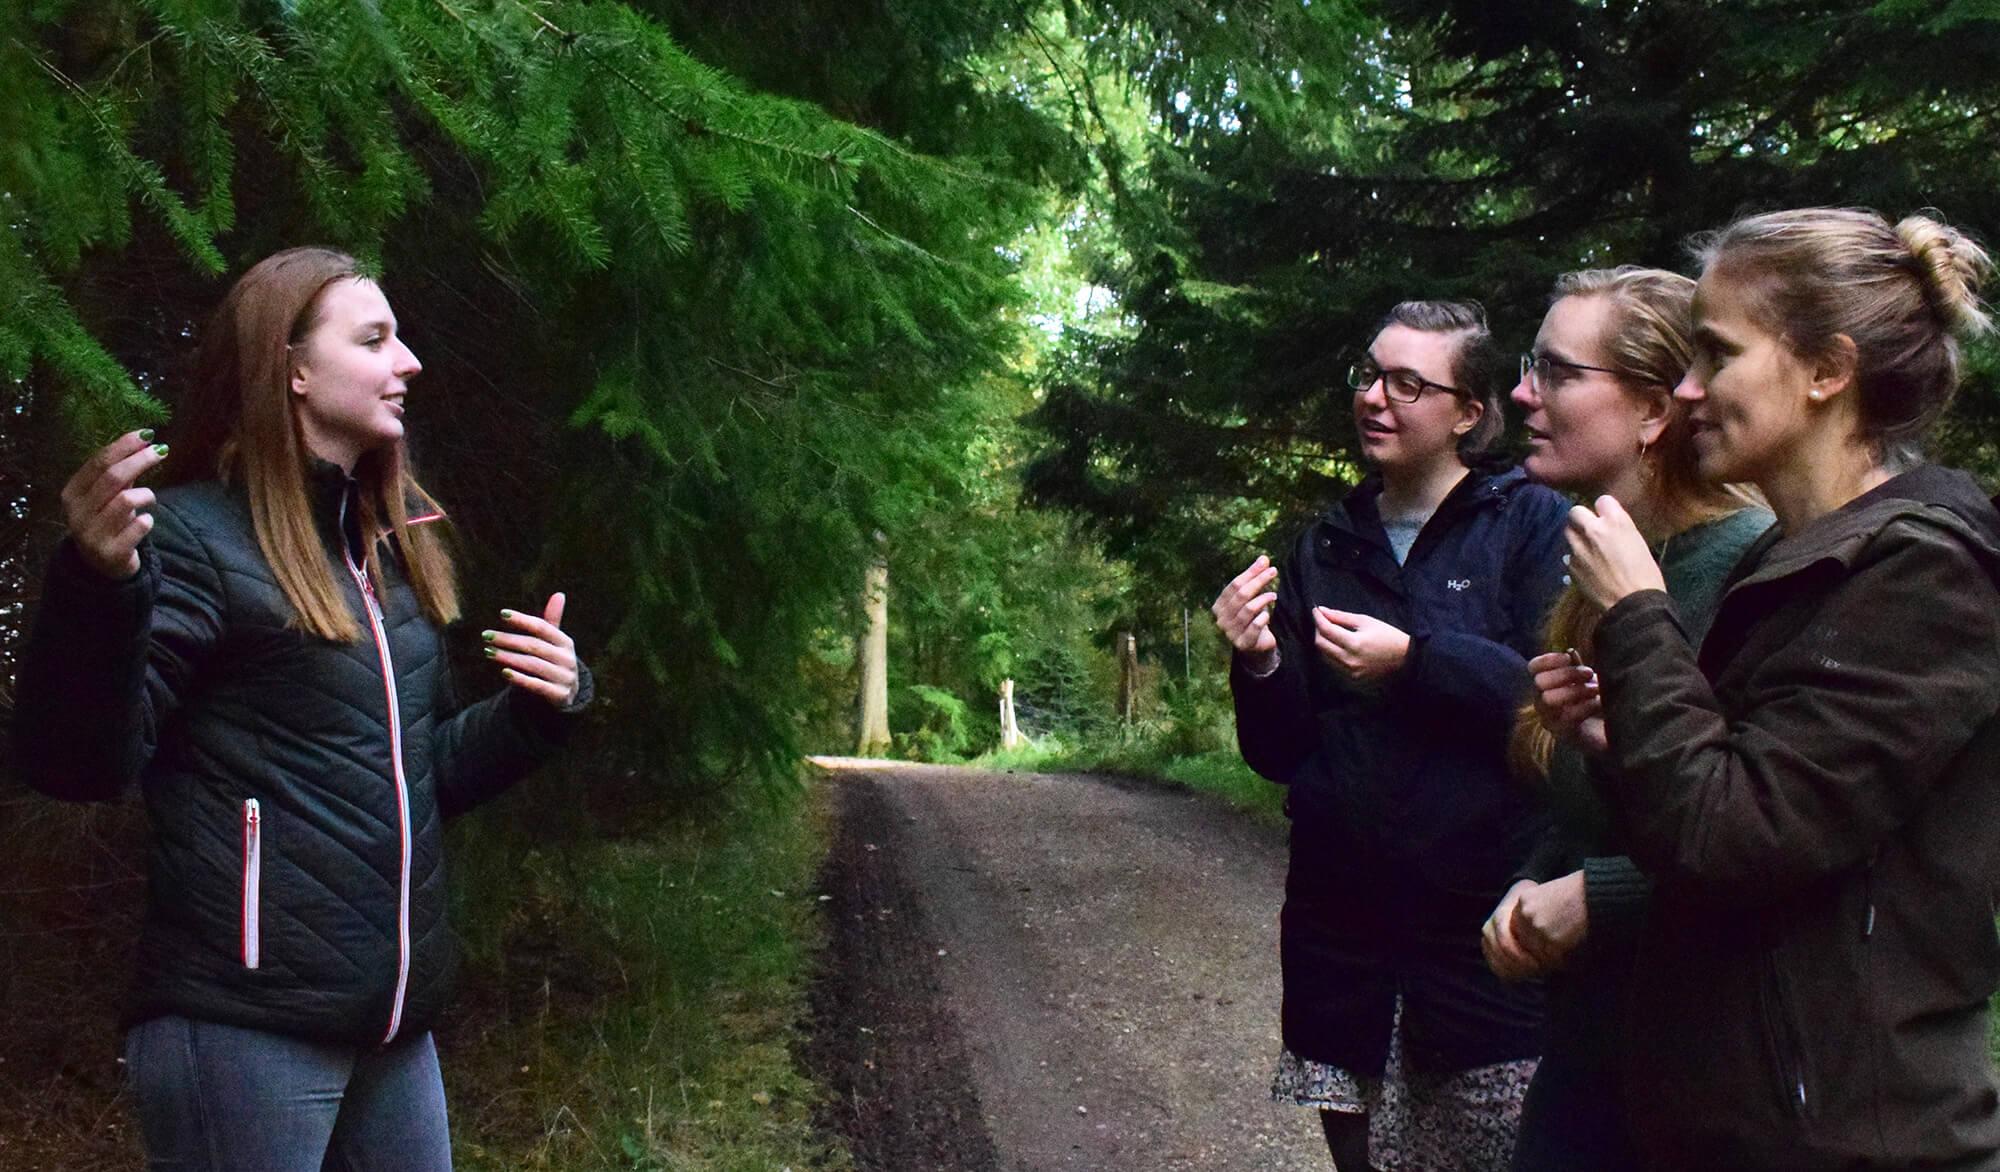 En natur- og kulturformidler guider og fortæller for tre gæster i skoven